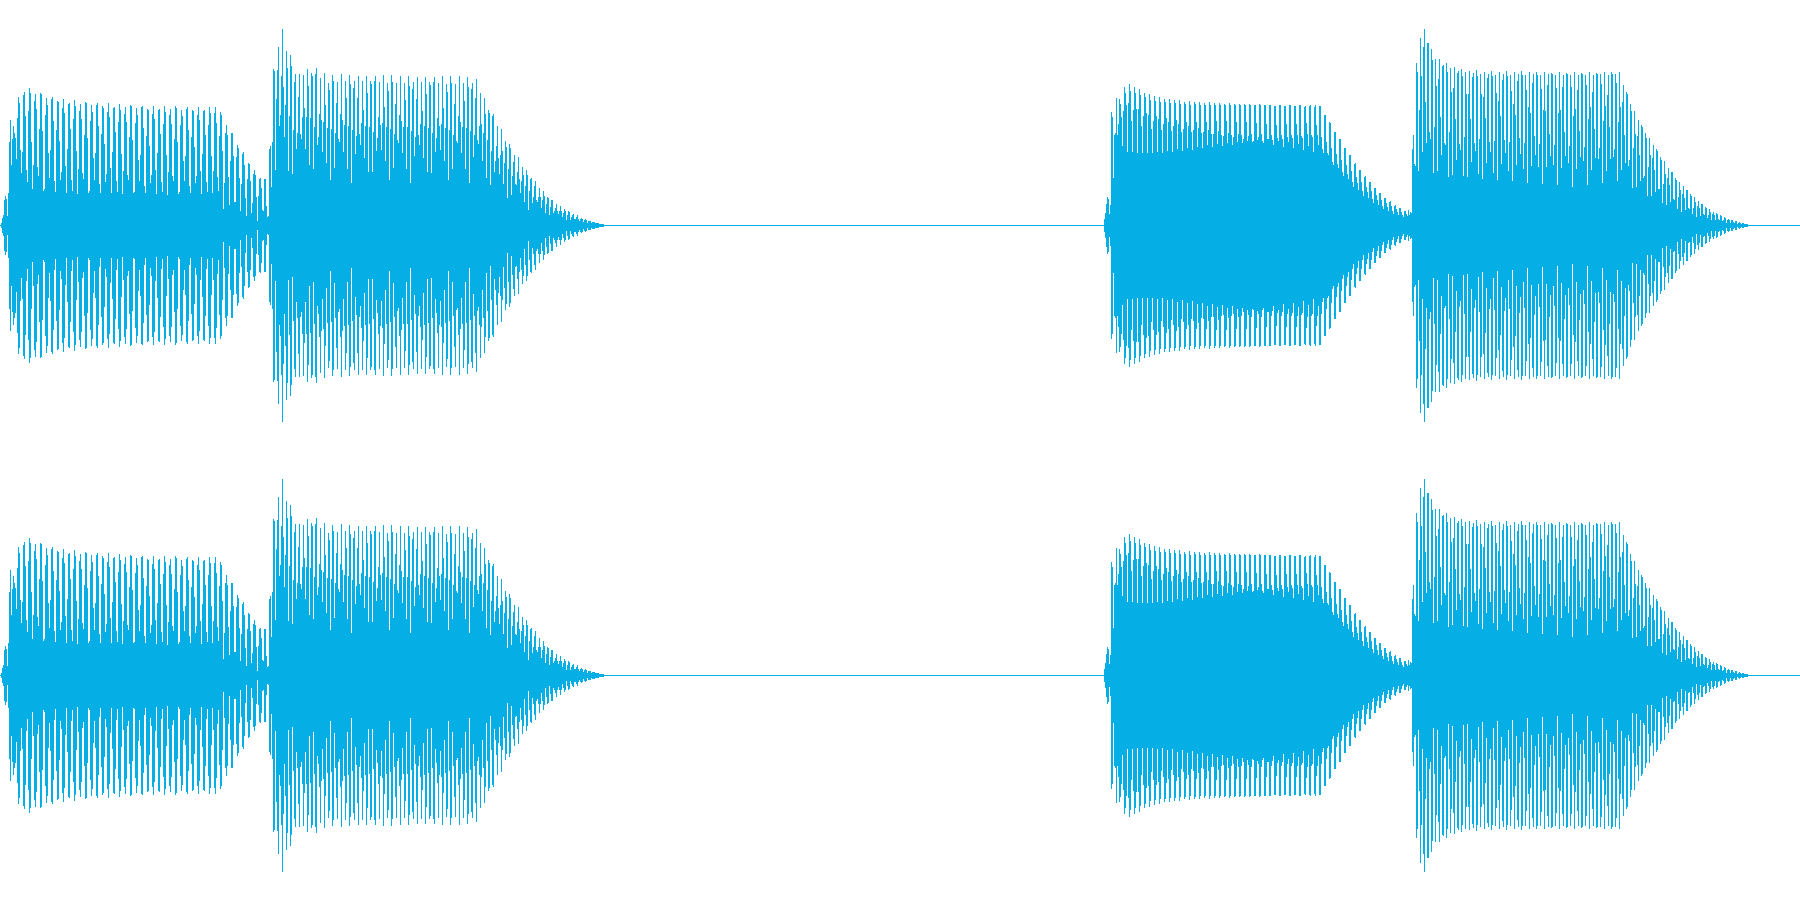 往年のRPG風 コマンド音 シリーズ 2の再生済みの波形